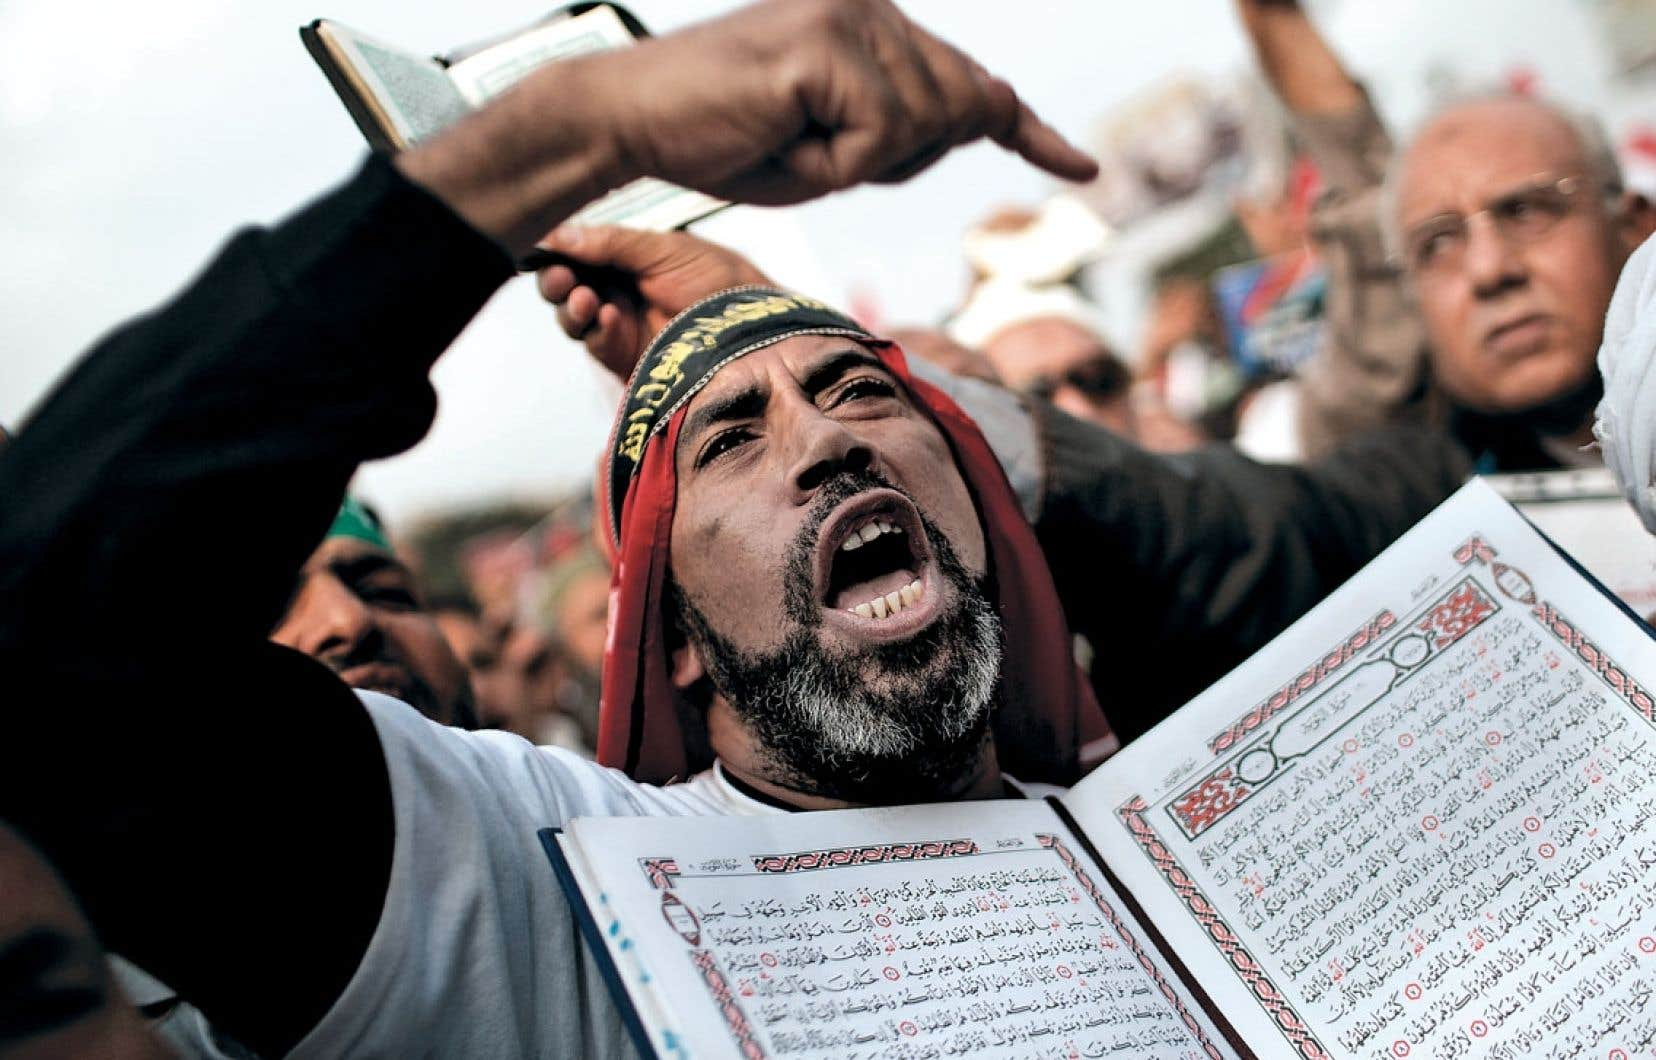 <div> Un partisan des Frères musulmans avec un exemplaire du Coran lors d'une manifestation au Caire. Selon les islamistes, le « oui » l'a emporté alors que plusieurs dénoncent des irrégularités lors du vote.</div>